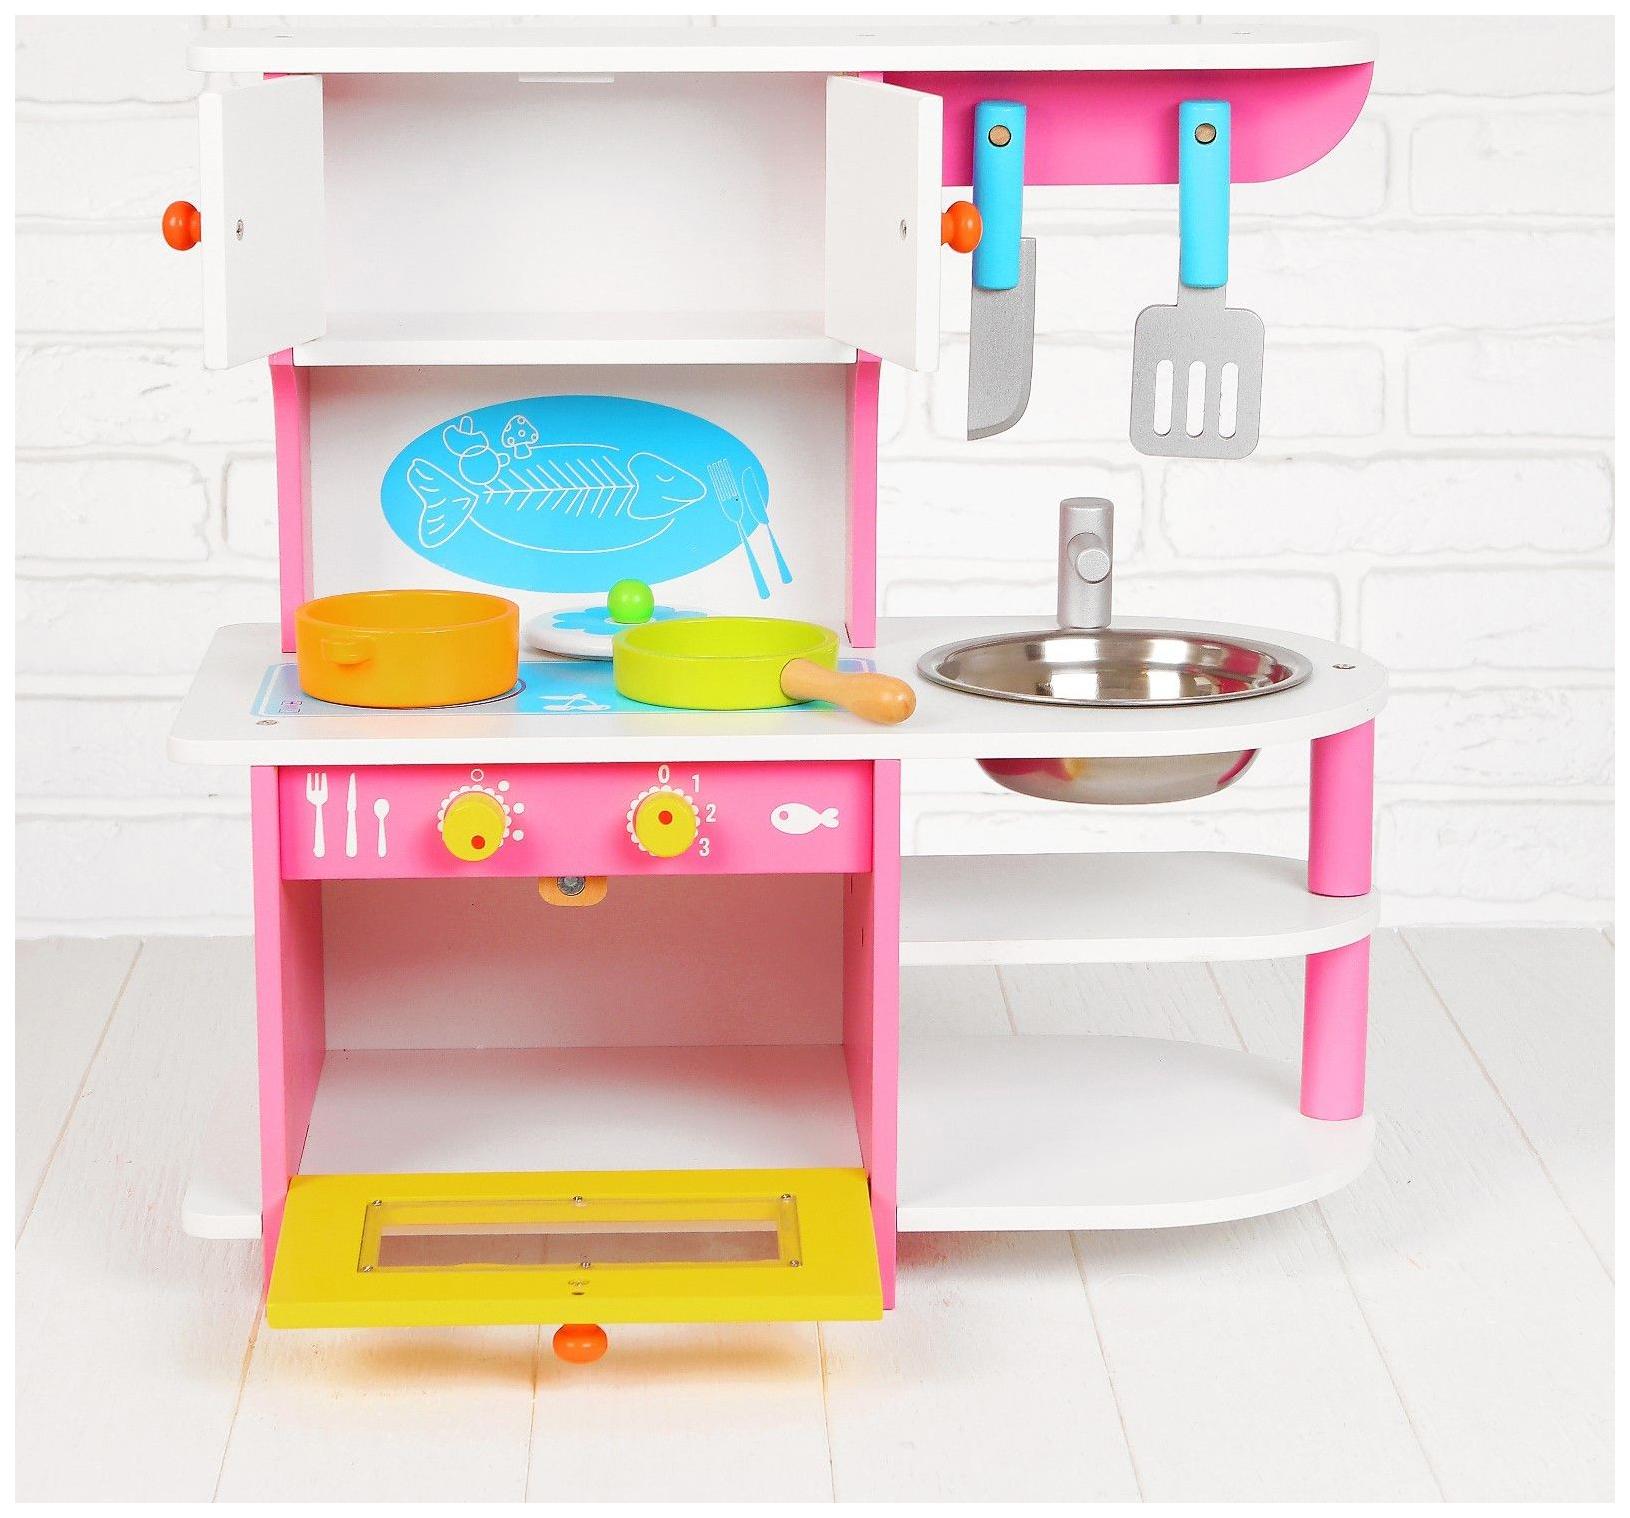 Купить Игровой набор Sima-land волшебная кухня, посудка в наборе msn15024, Детская кухня